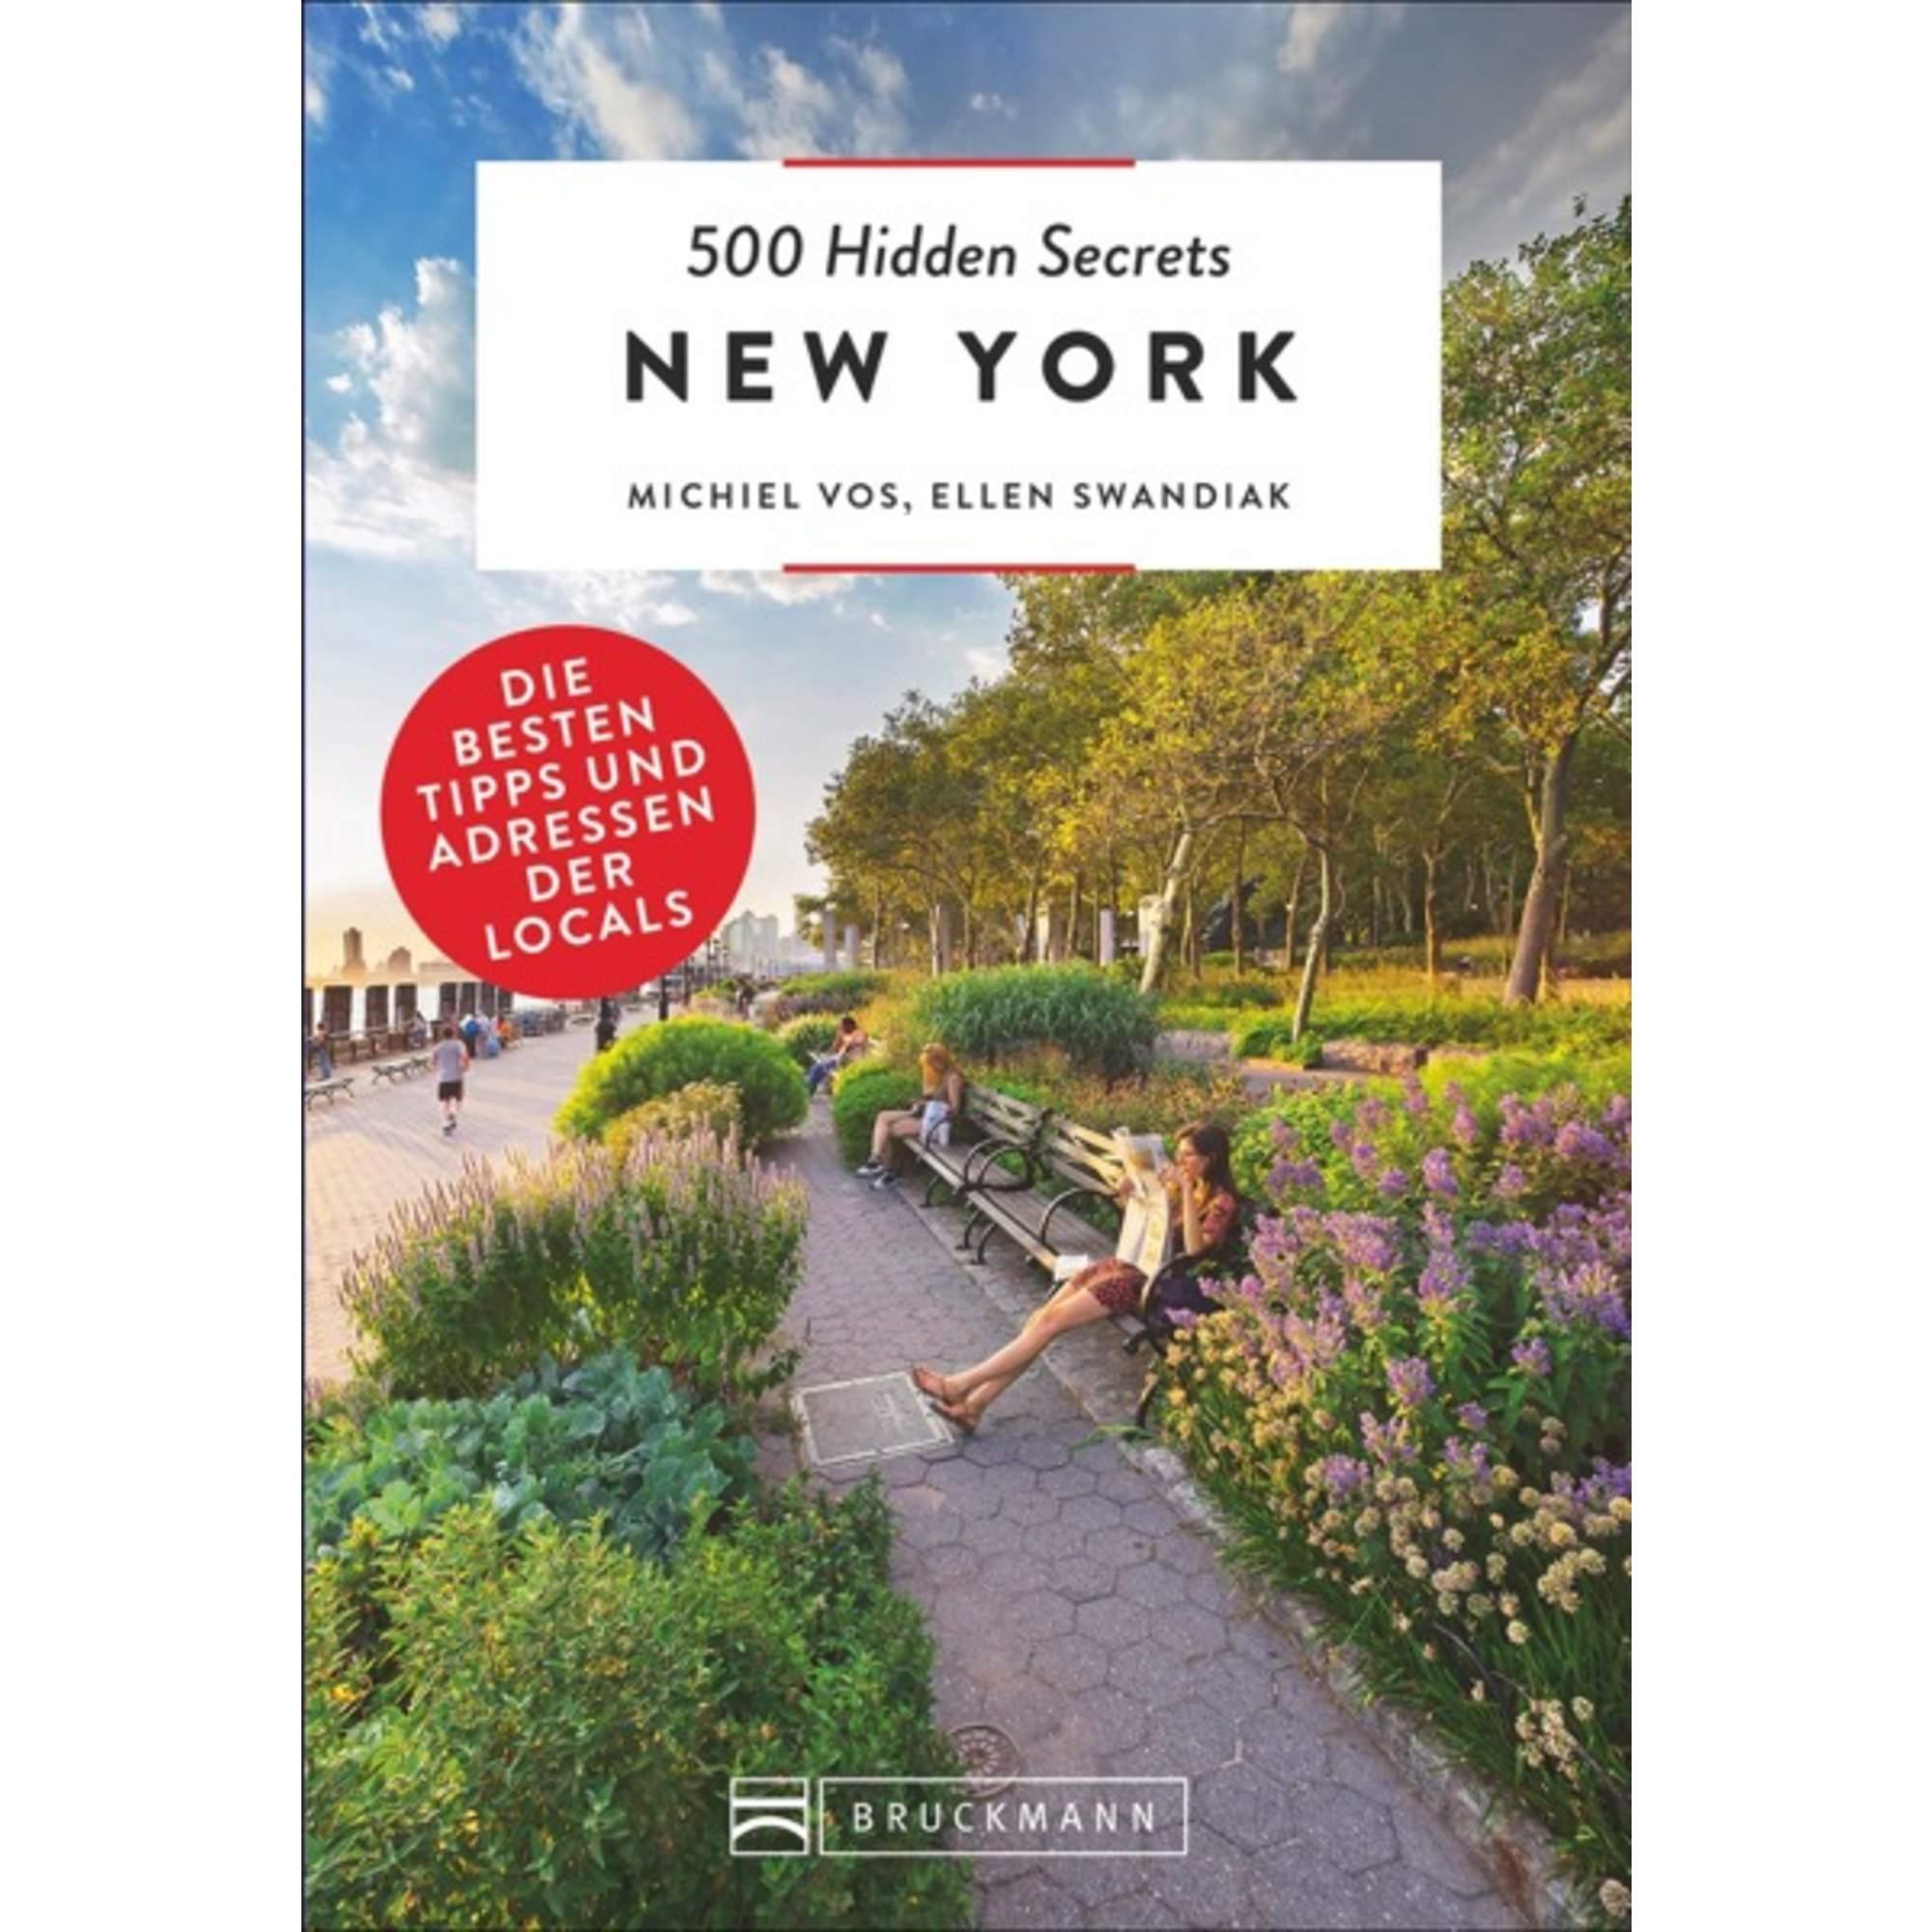 500 HIDDEN SECRETS NEW YORK, 15,99 Euro